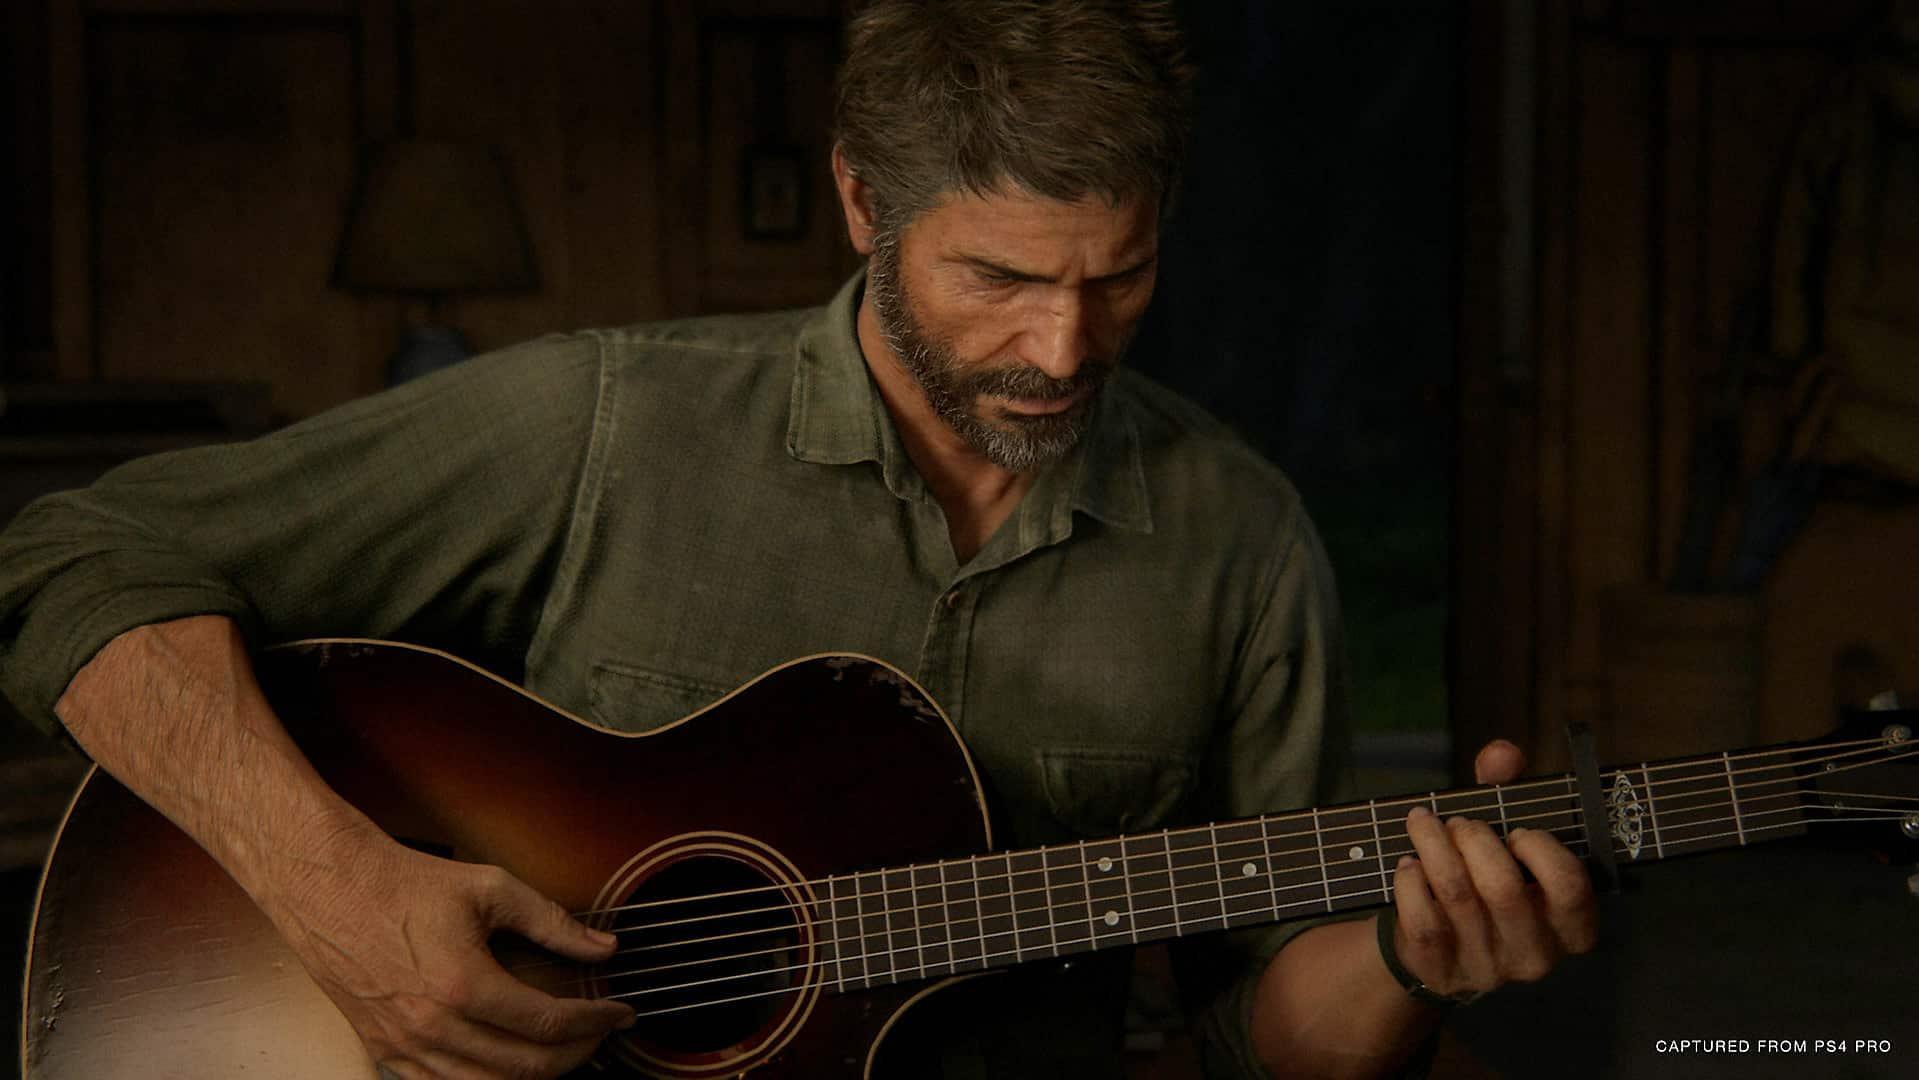 The Last of Us Part II Wyoming museum flashback Ellie Joel dinosaurs space guitar